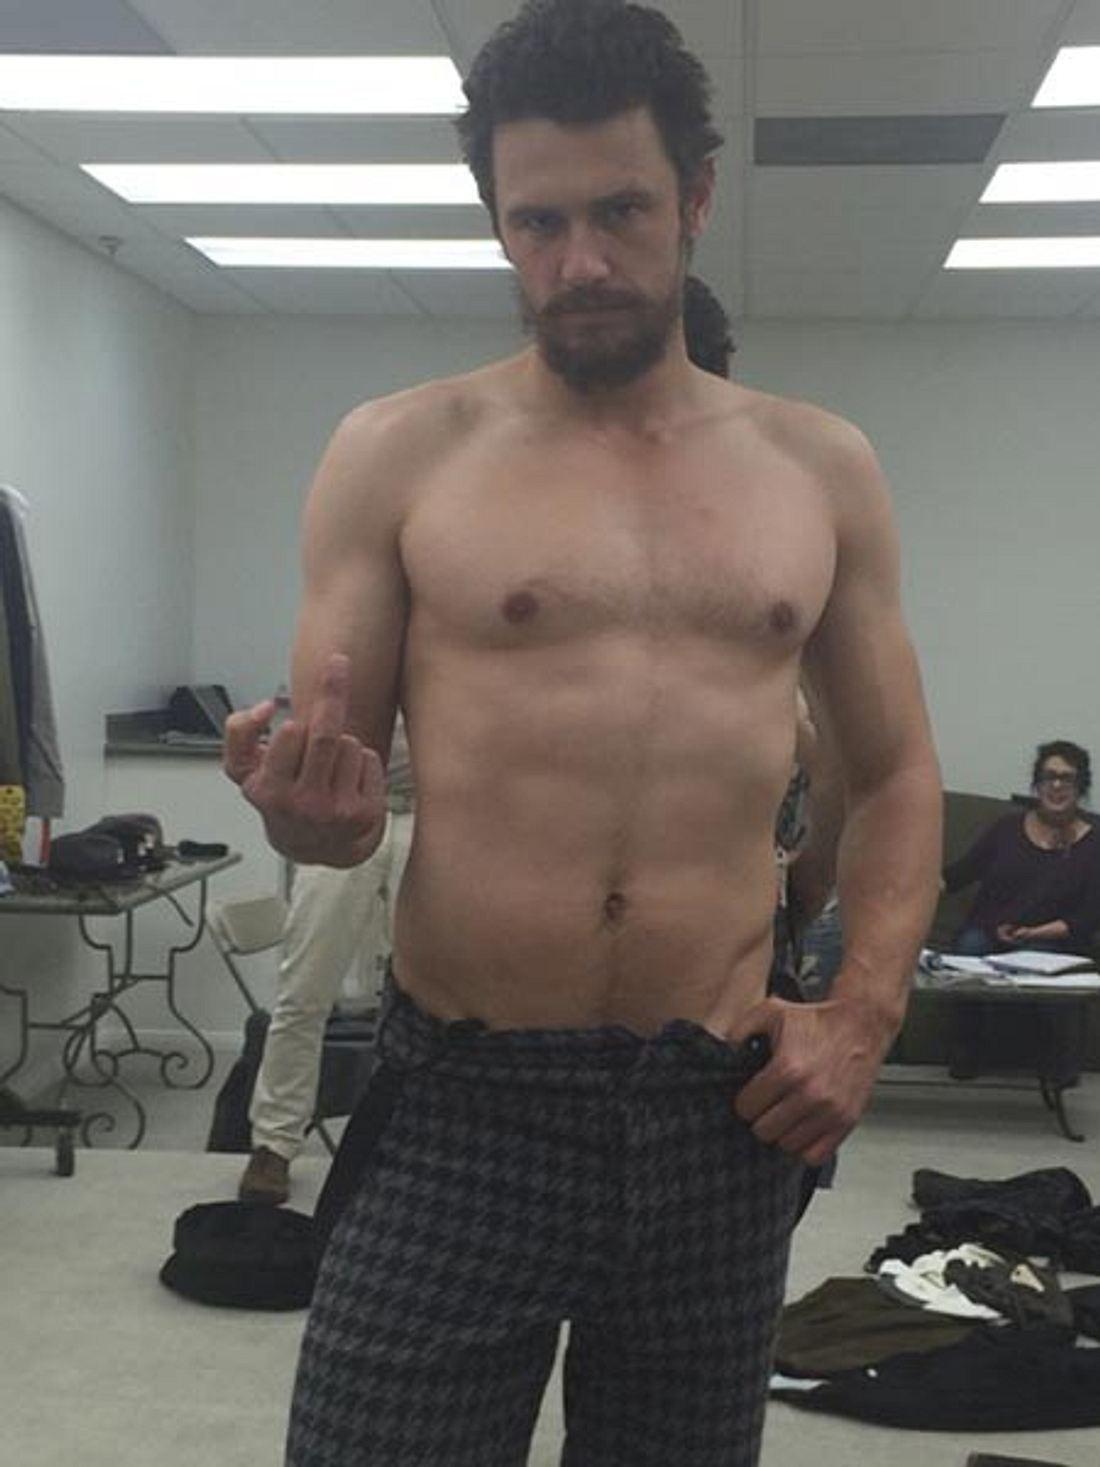 Ein bisschen erinnert er an Hugh Jackman als Wolverine, nur etwas schmaler